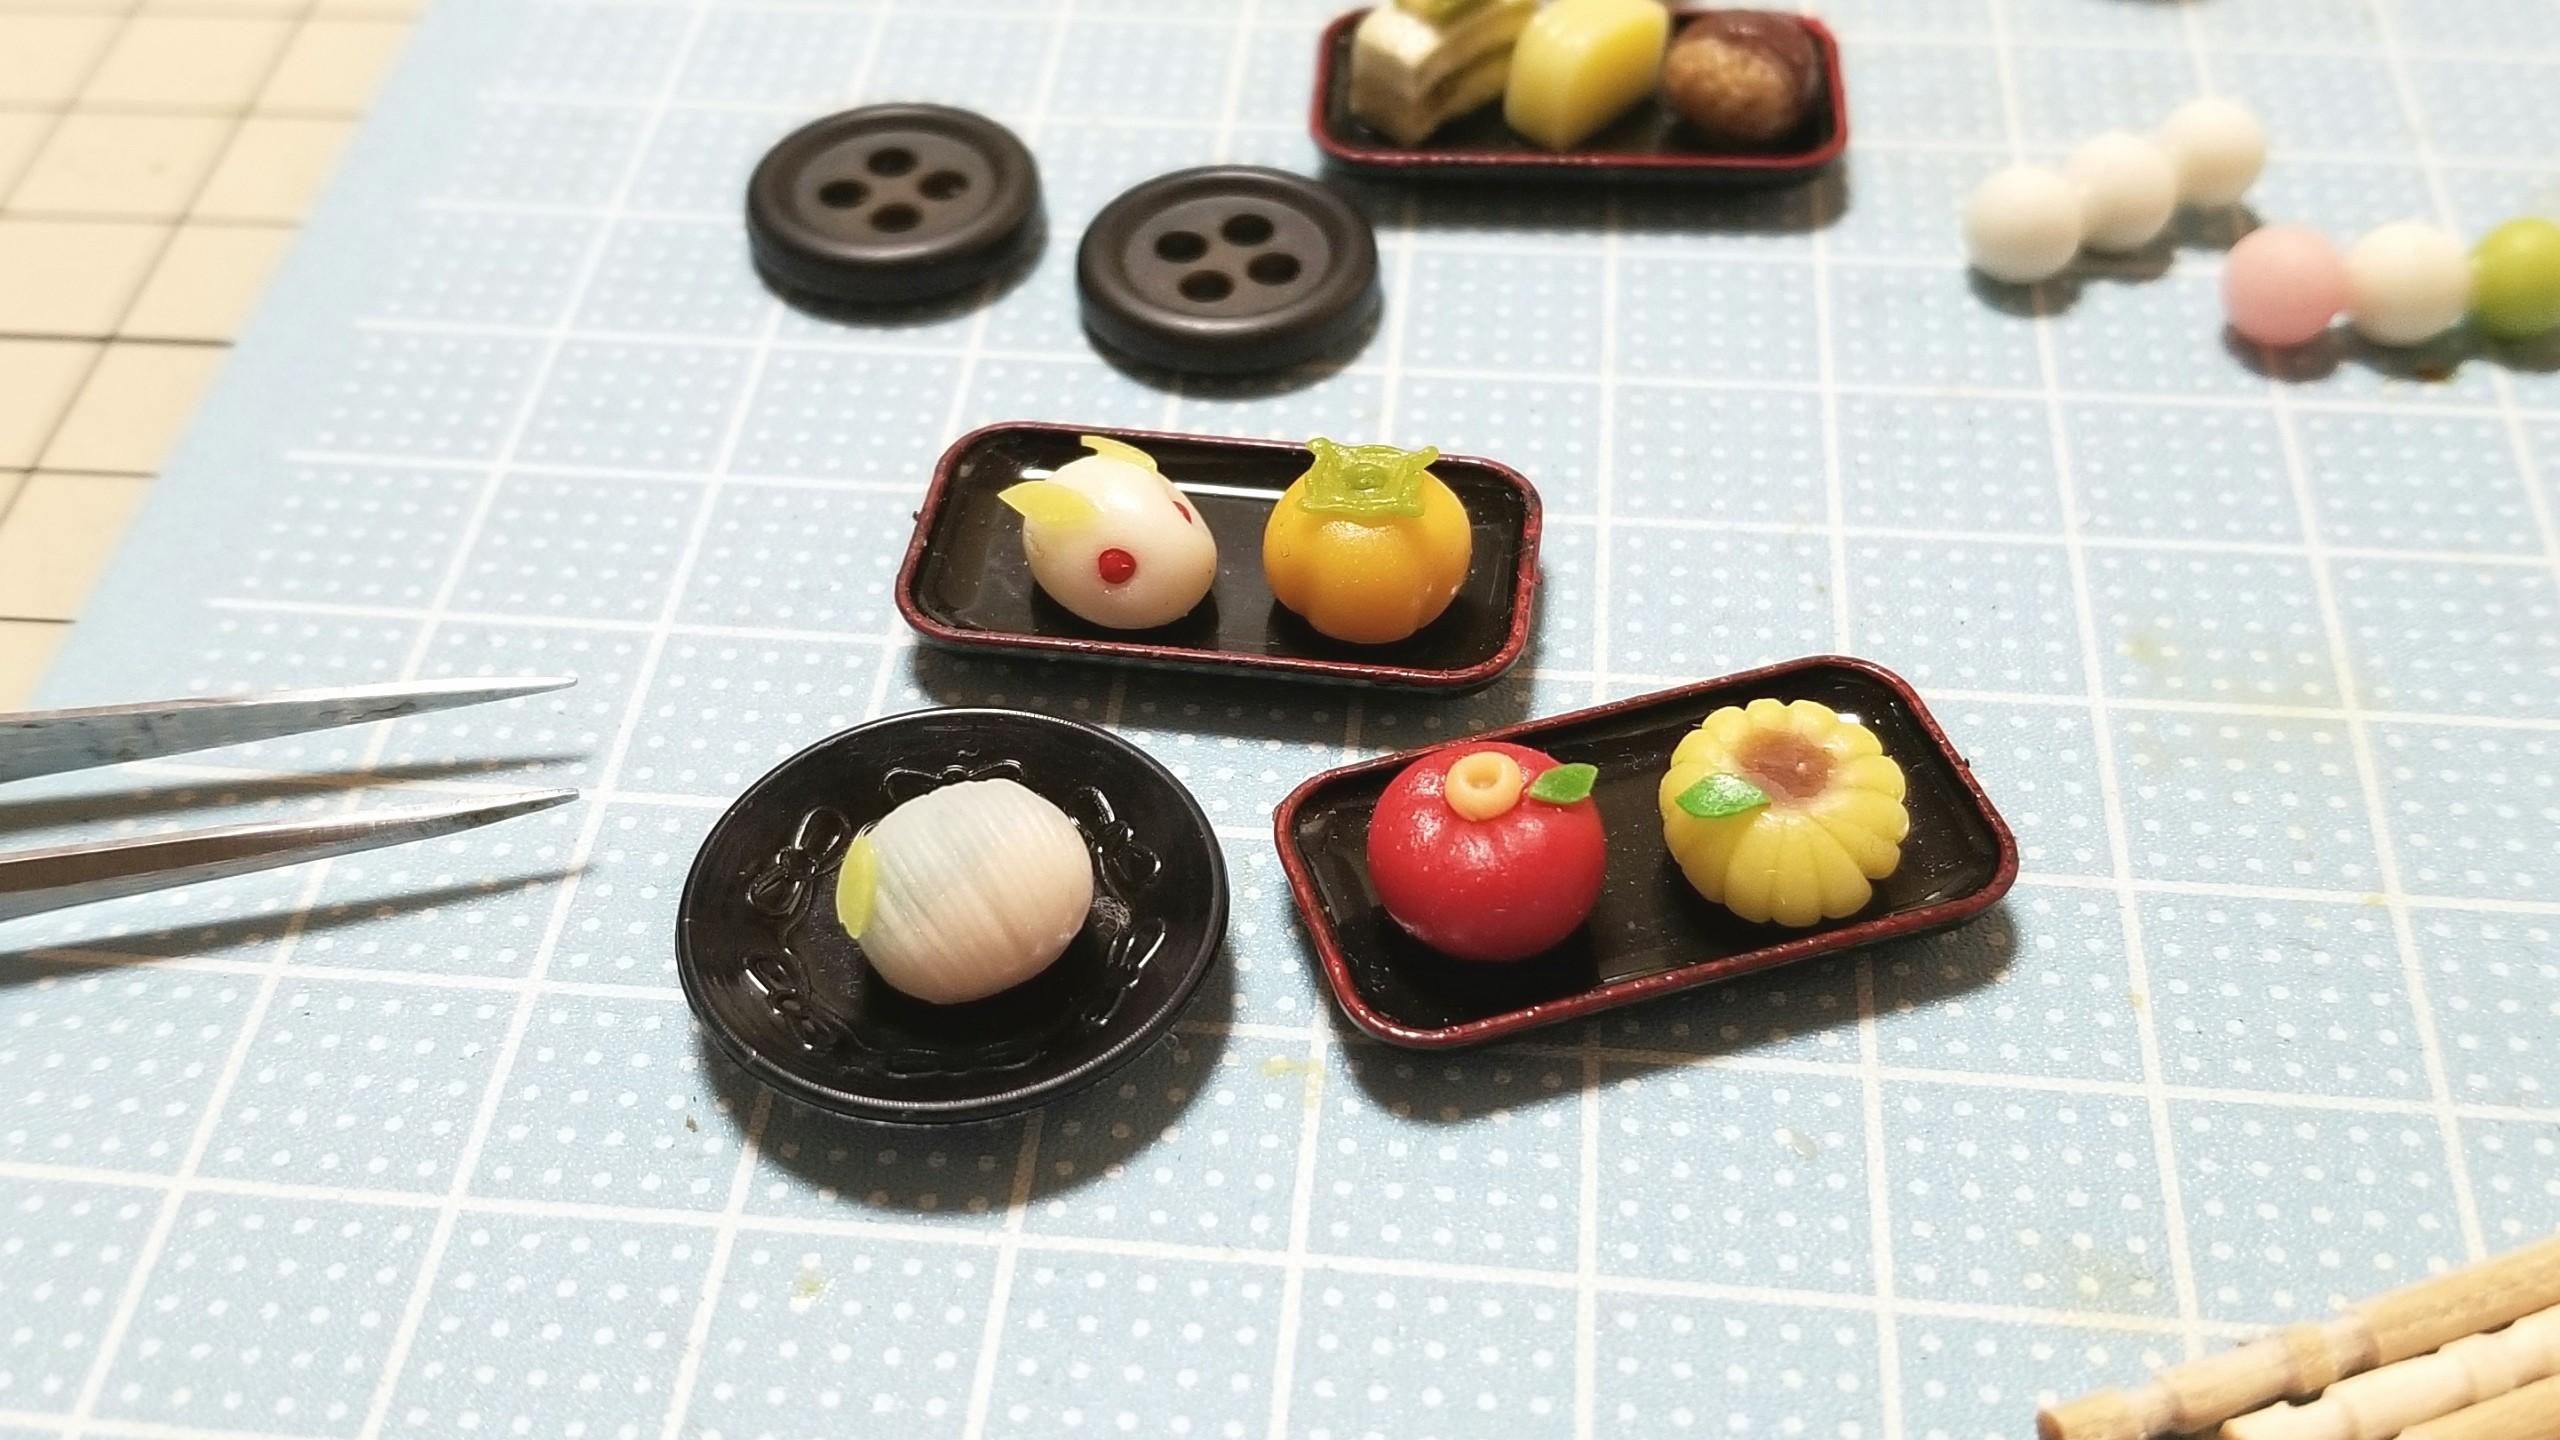 小さいかわいいミニチュアフェイクフード和菓子饅頭おもちゃ小物